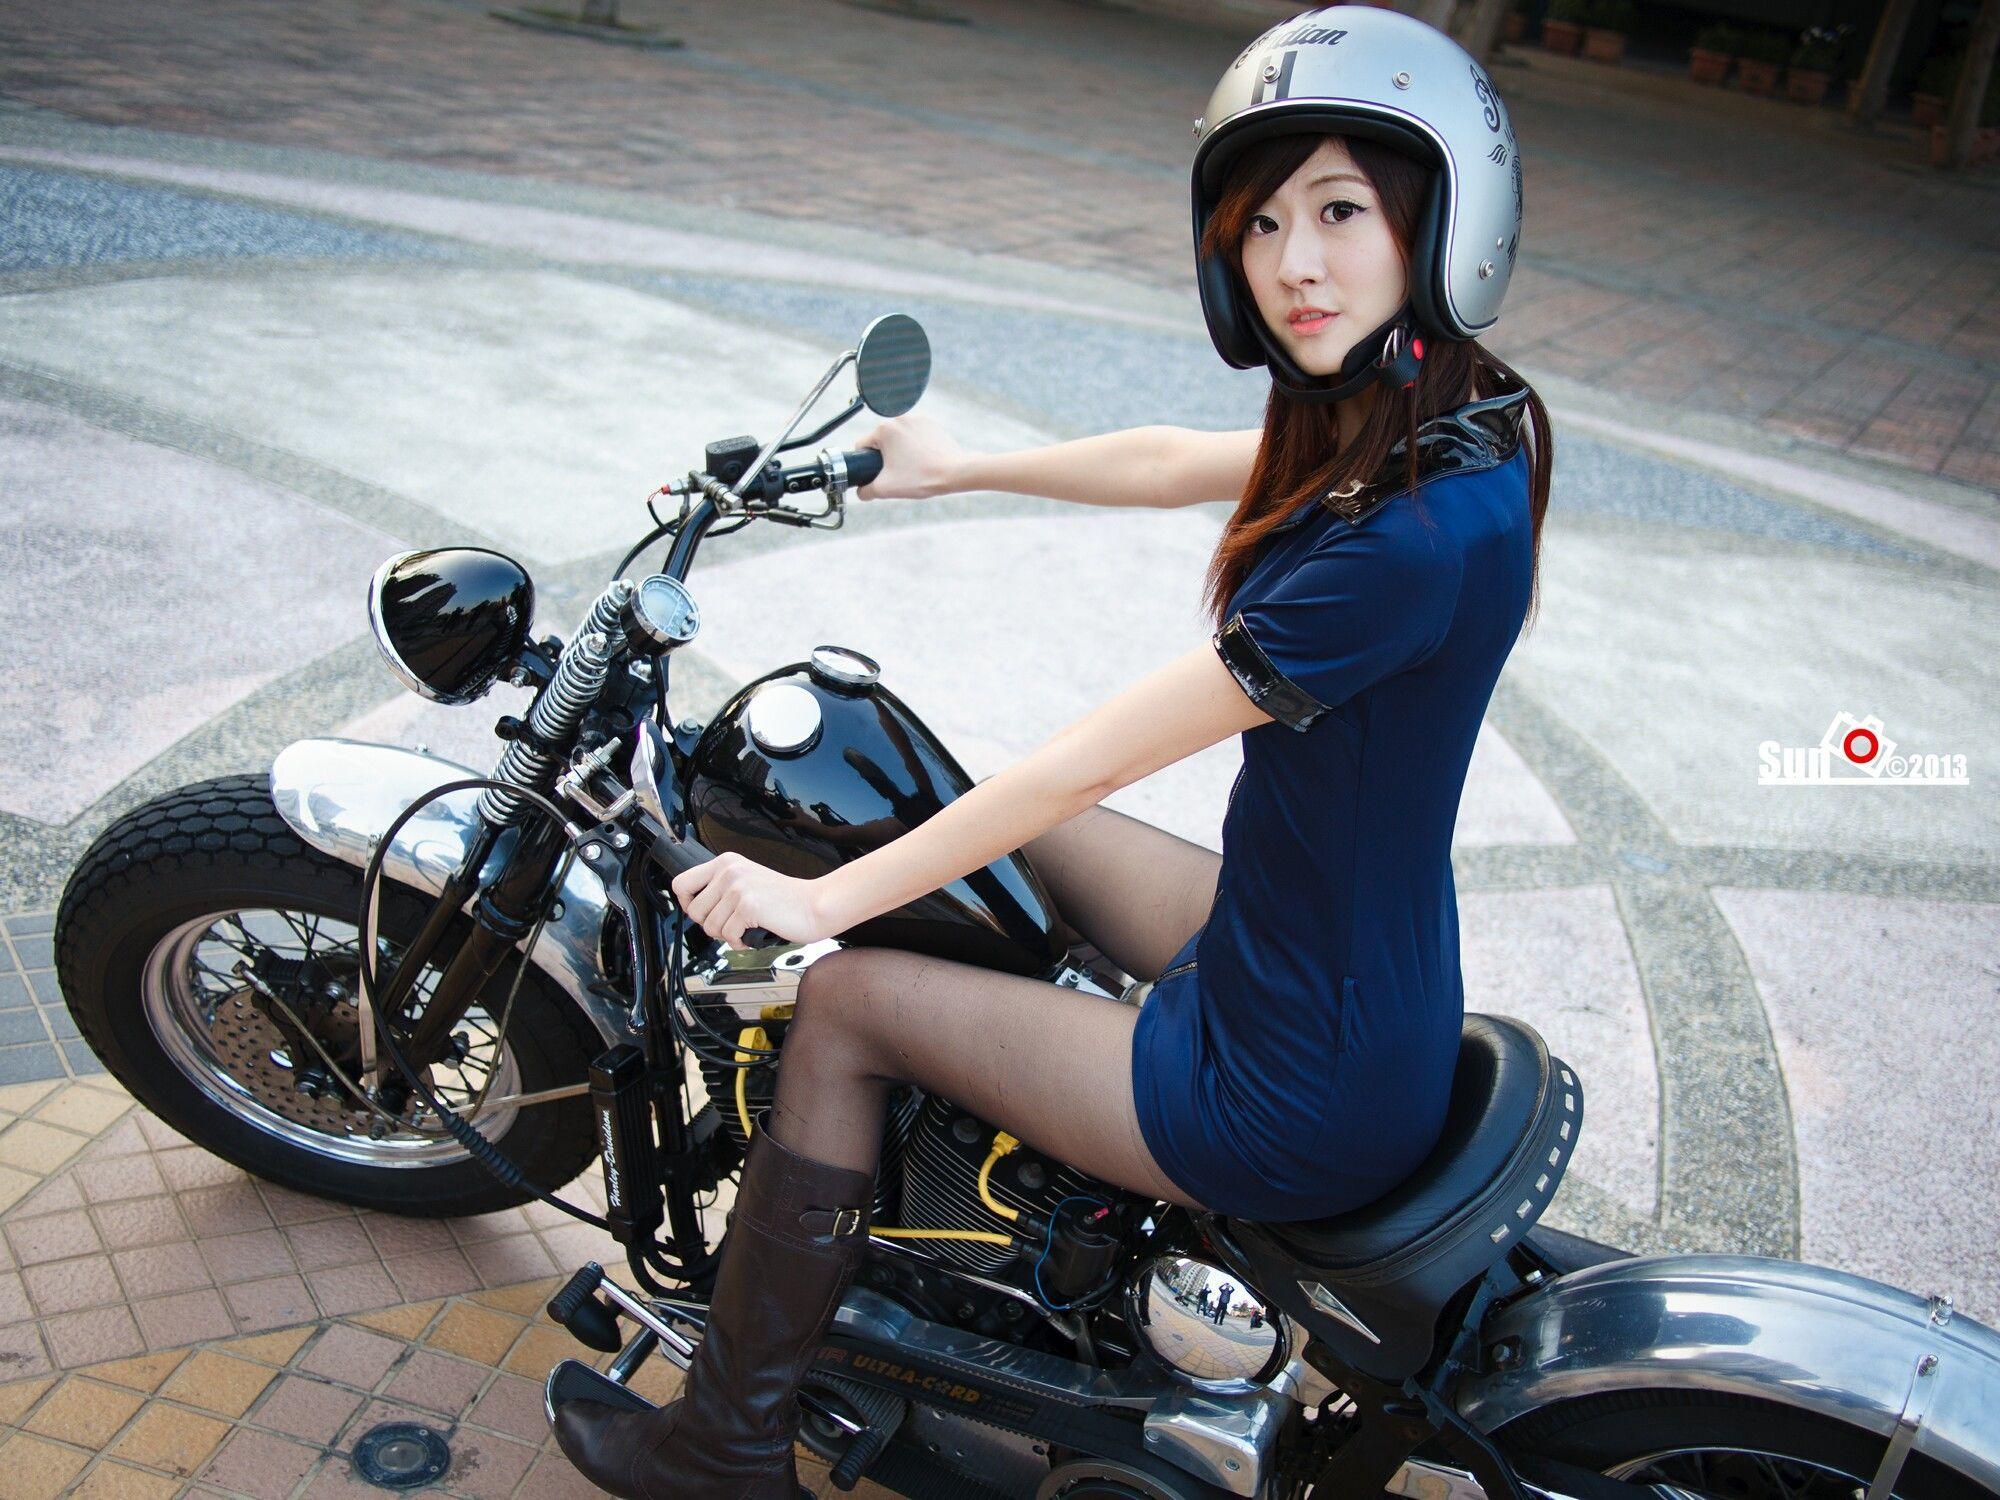 玉女林茉晶 - 哈雷女警与空姐 写真图片